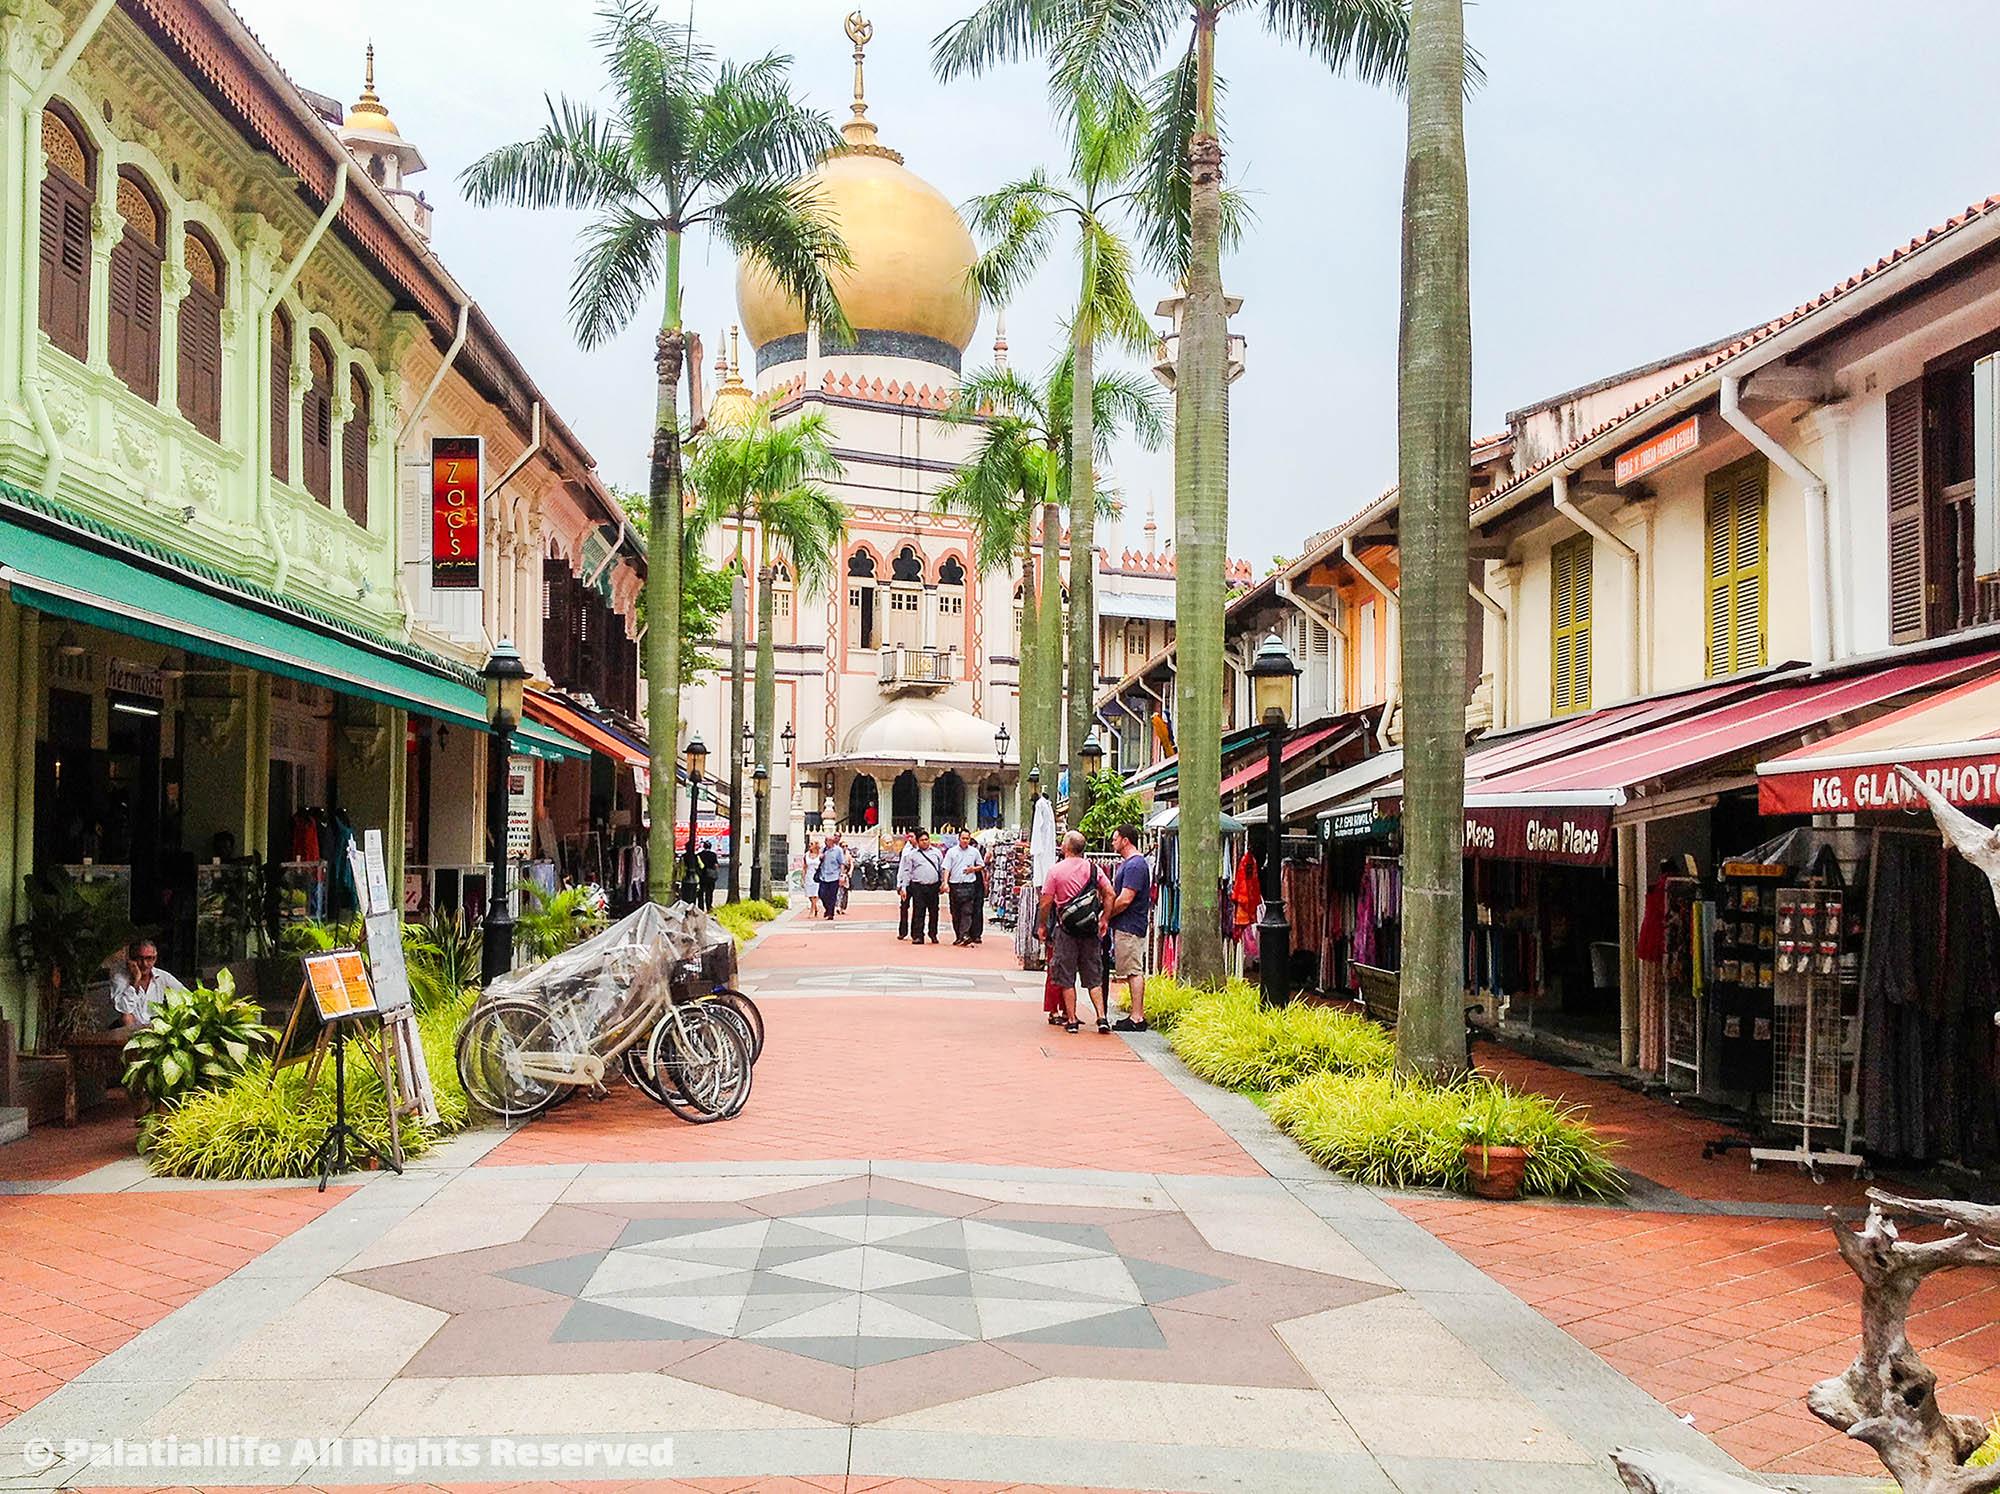 ตรอกฮาจิ Haji Lane อาหรับสตรีท สิงคโปร์  สิงคโปร์ เที่ยวเตร็ดเตร่ไปตาม 5 ย่านยอดฮิตที่ไม่ควรพลาด IMG 3339